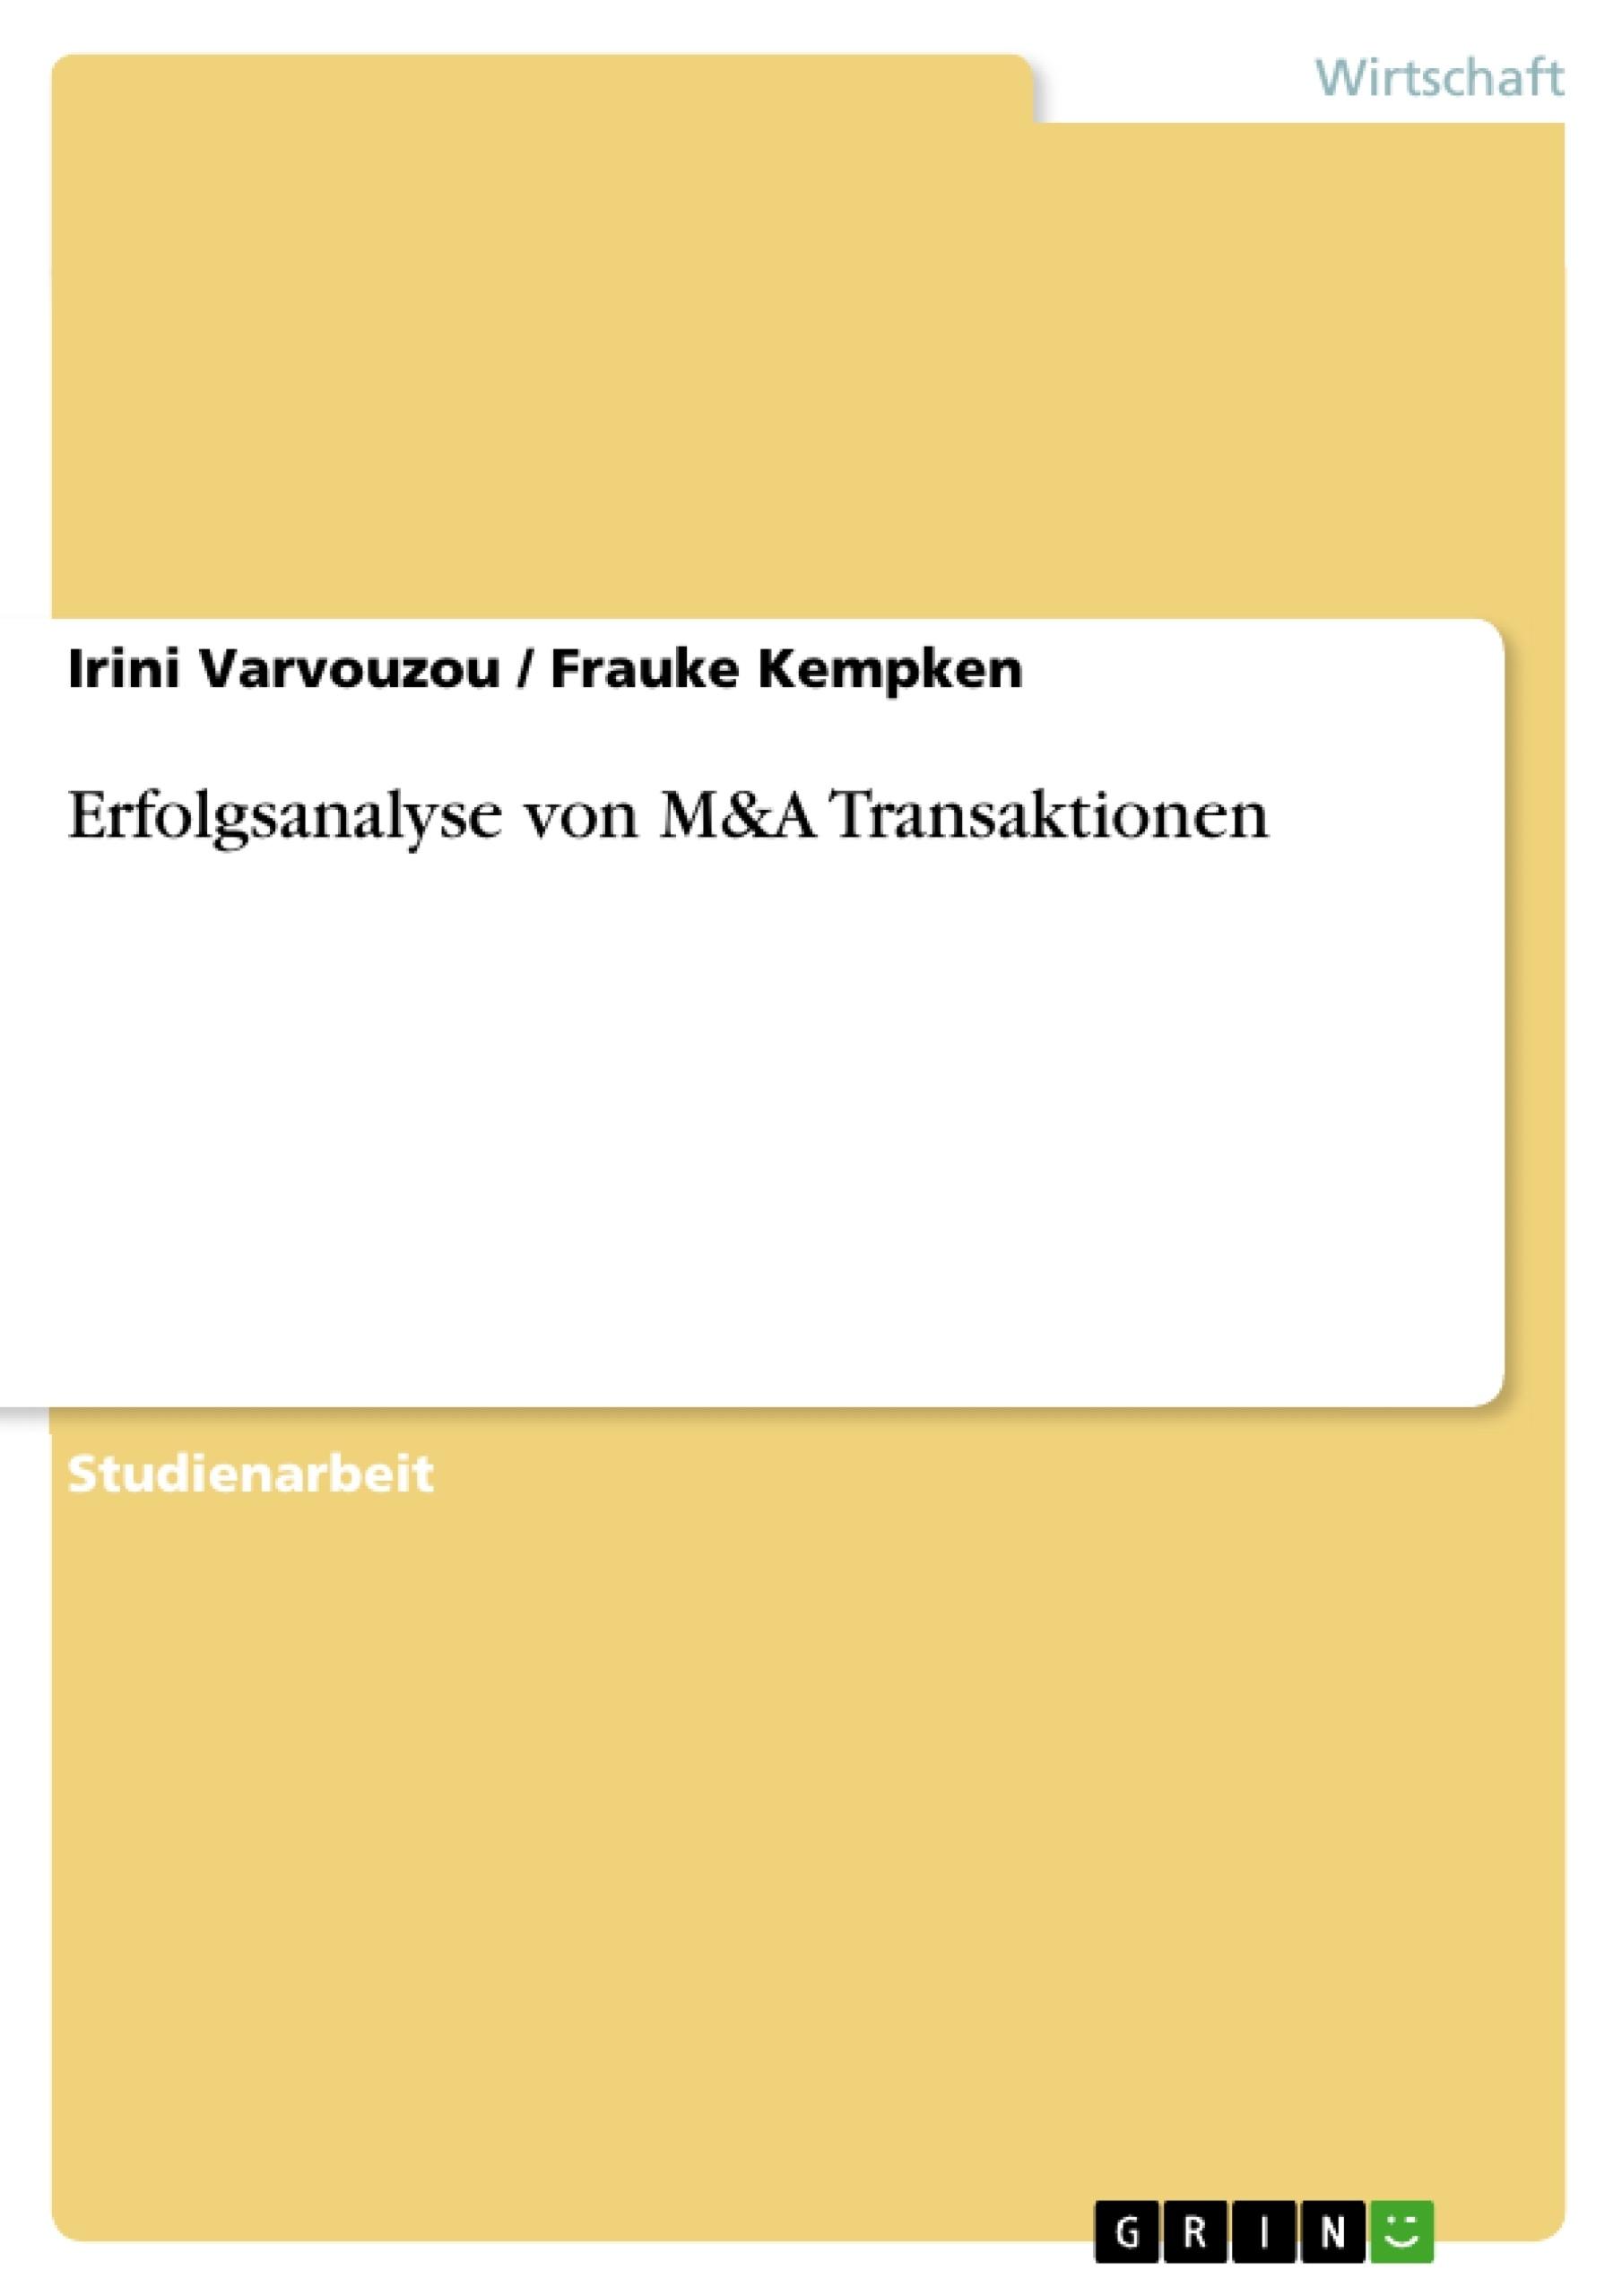 Titel: Erfolgsanalyse von M&A Transaktionen